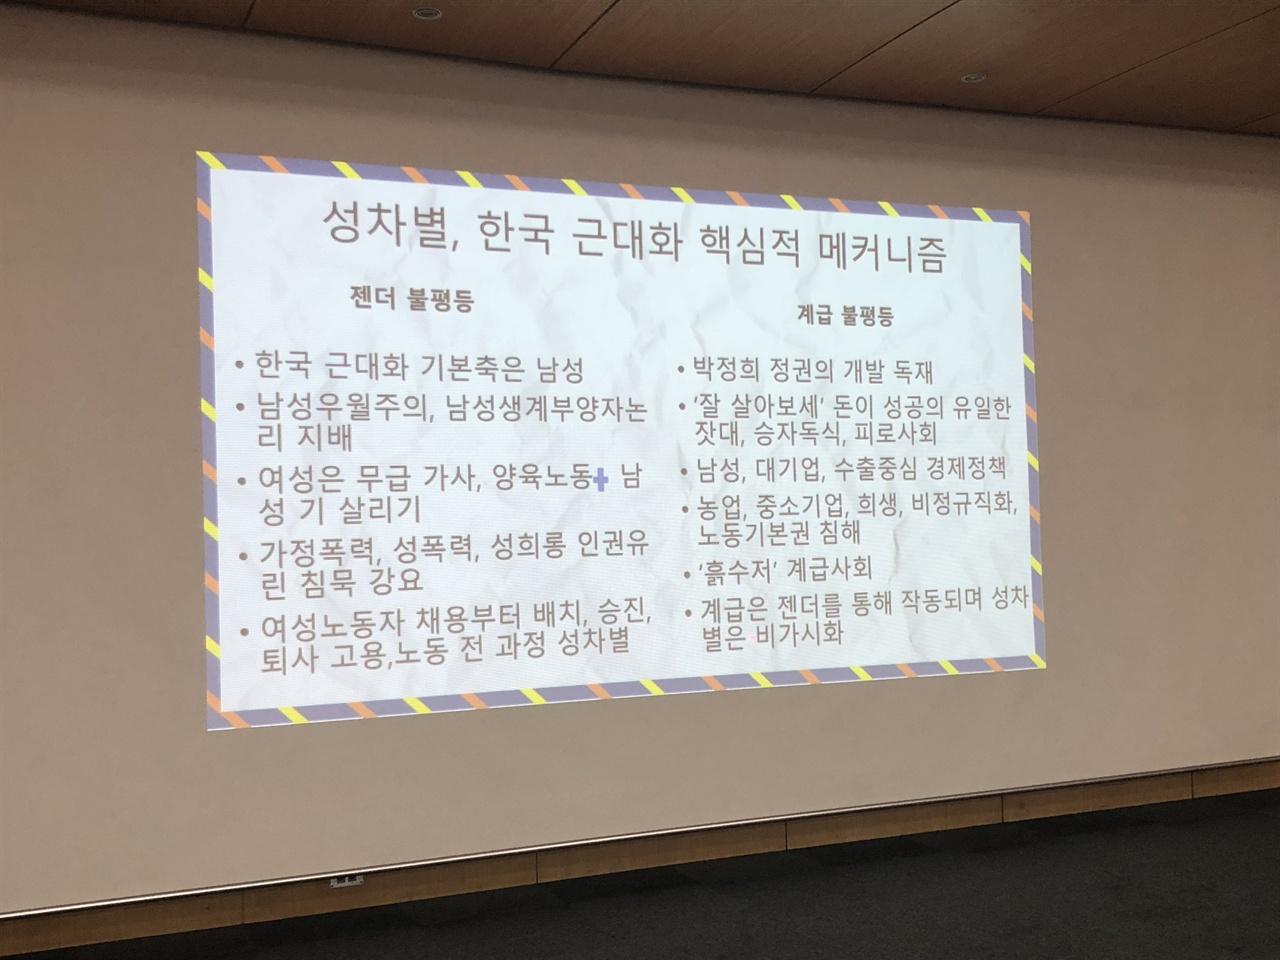 """[2018 페미-노동 캠프] 4강 """"[2018 페미-노동 캠프] 일하는 페미니스트, 싸움의 언어를 찾아서"""" 4강 내용 일부"""